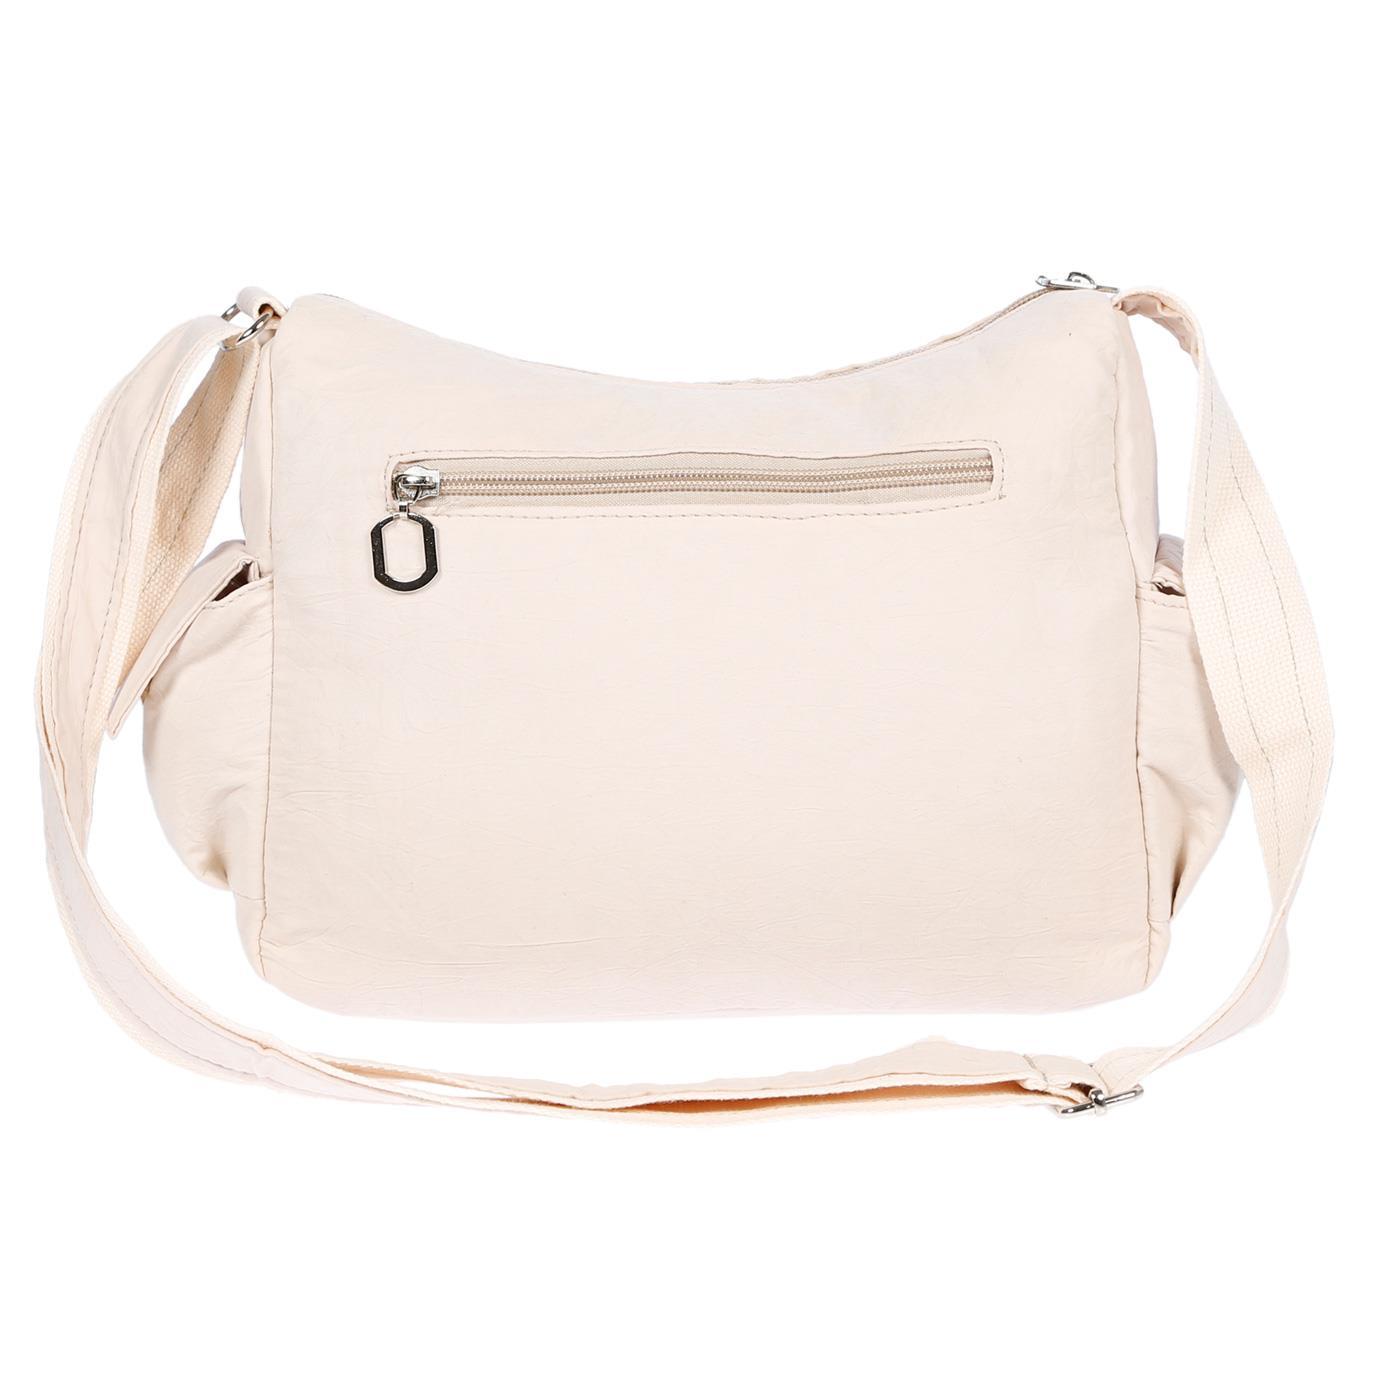 Damenhandtasche-Schultertasche-Tasche-Umhaengetasche-Canvas-Shopper-Crossover-Bag Indexbild 28